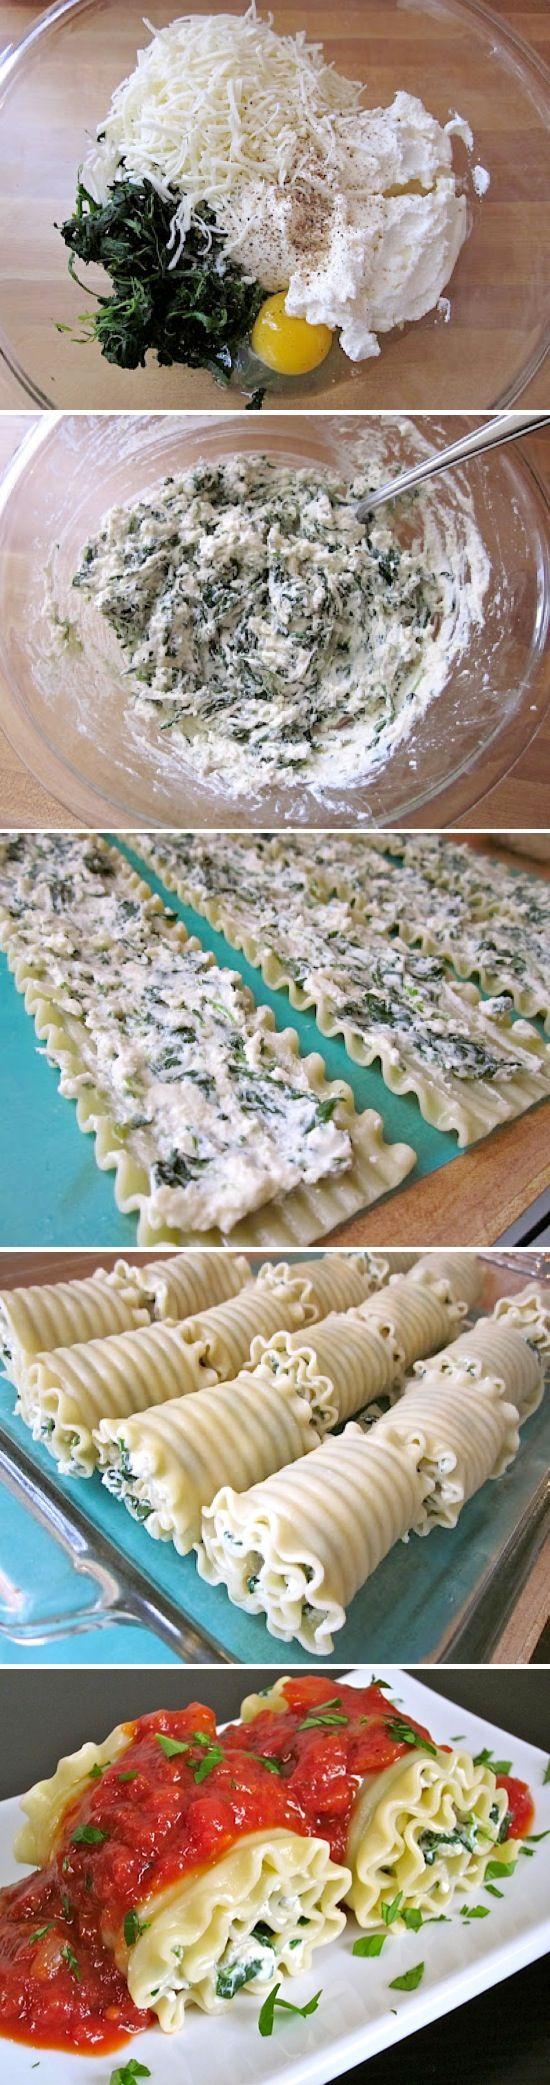 Lasagna Rolls - a nice twist on the classic lasagne dish!